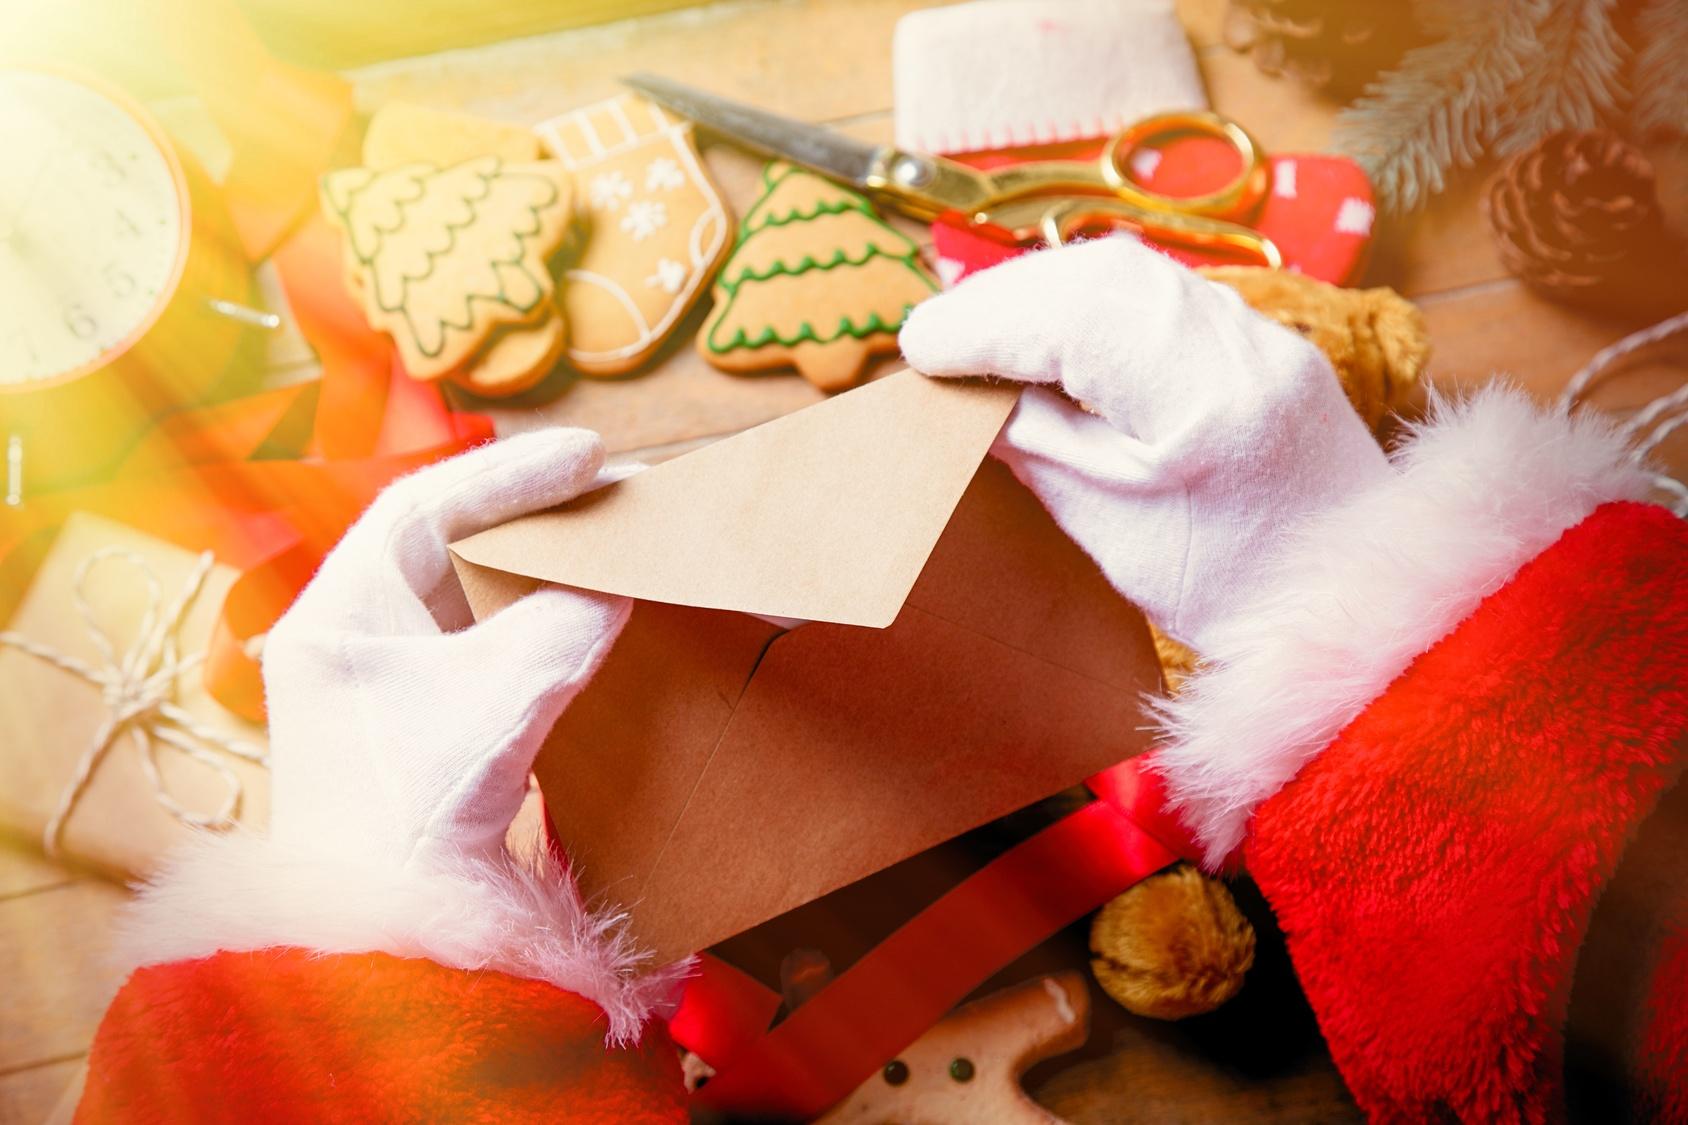 Grußkarten und Geschenke-Briefe zu Weihnachten | Verbraucherzentrale.de